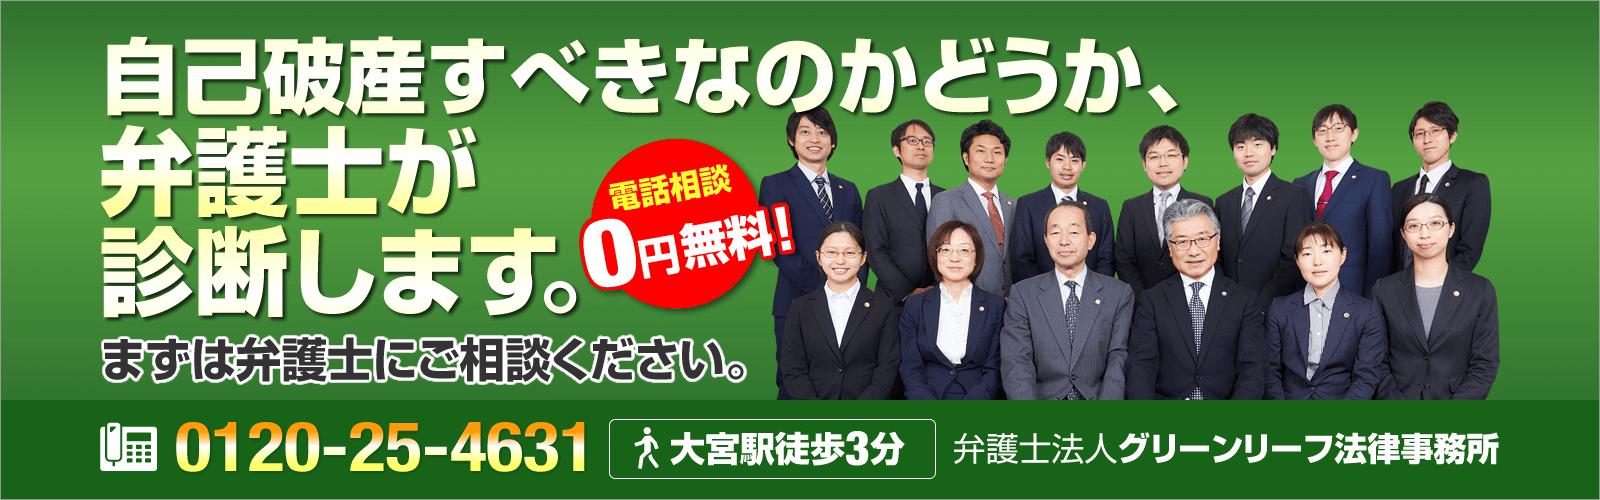 自己破産に強い埼玉の弁護士pc